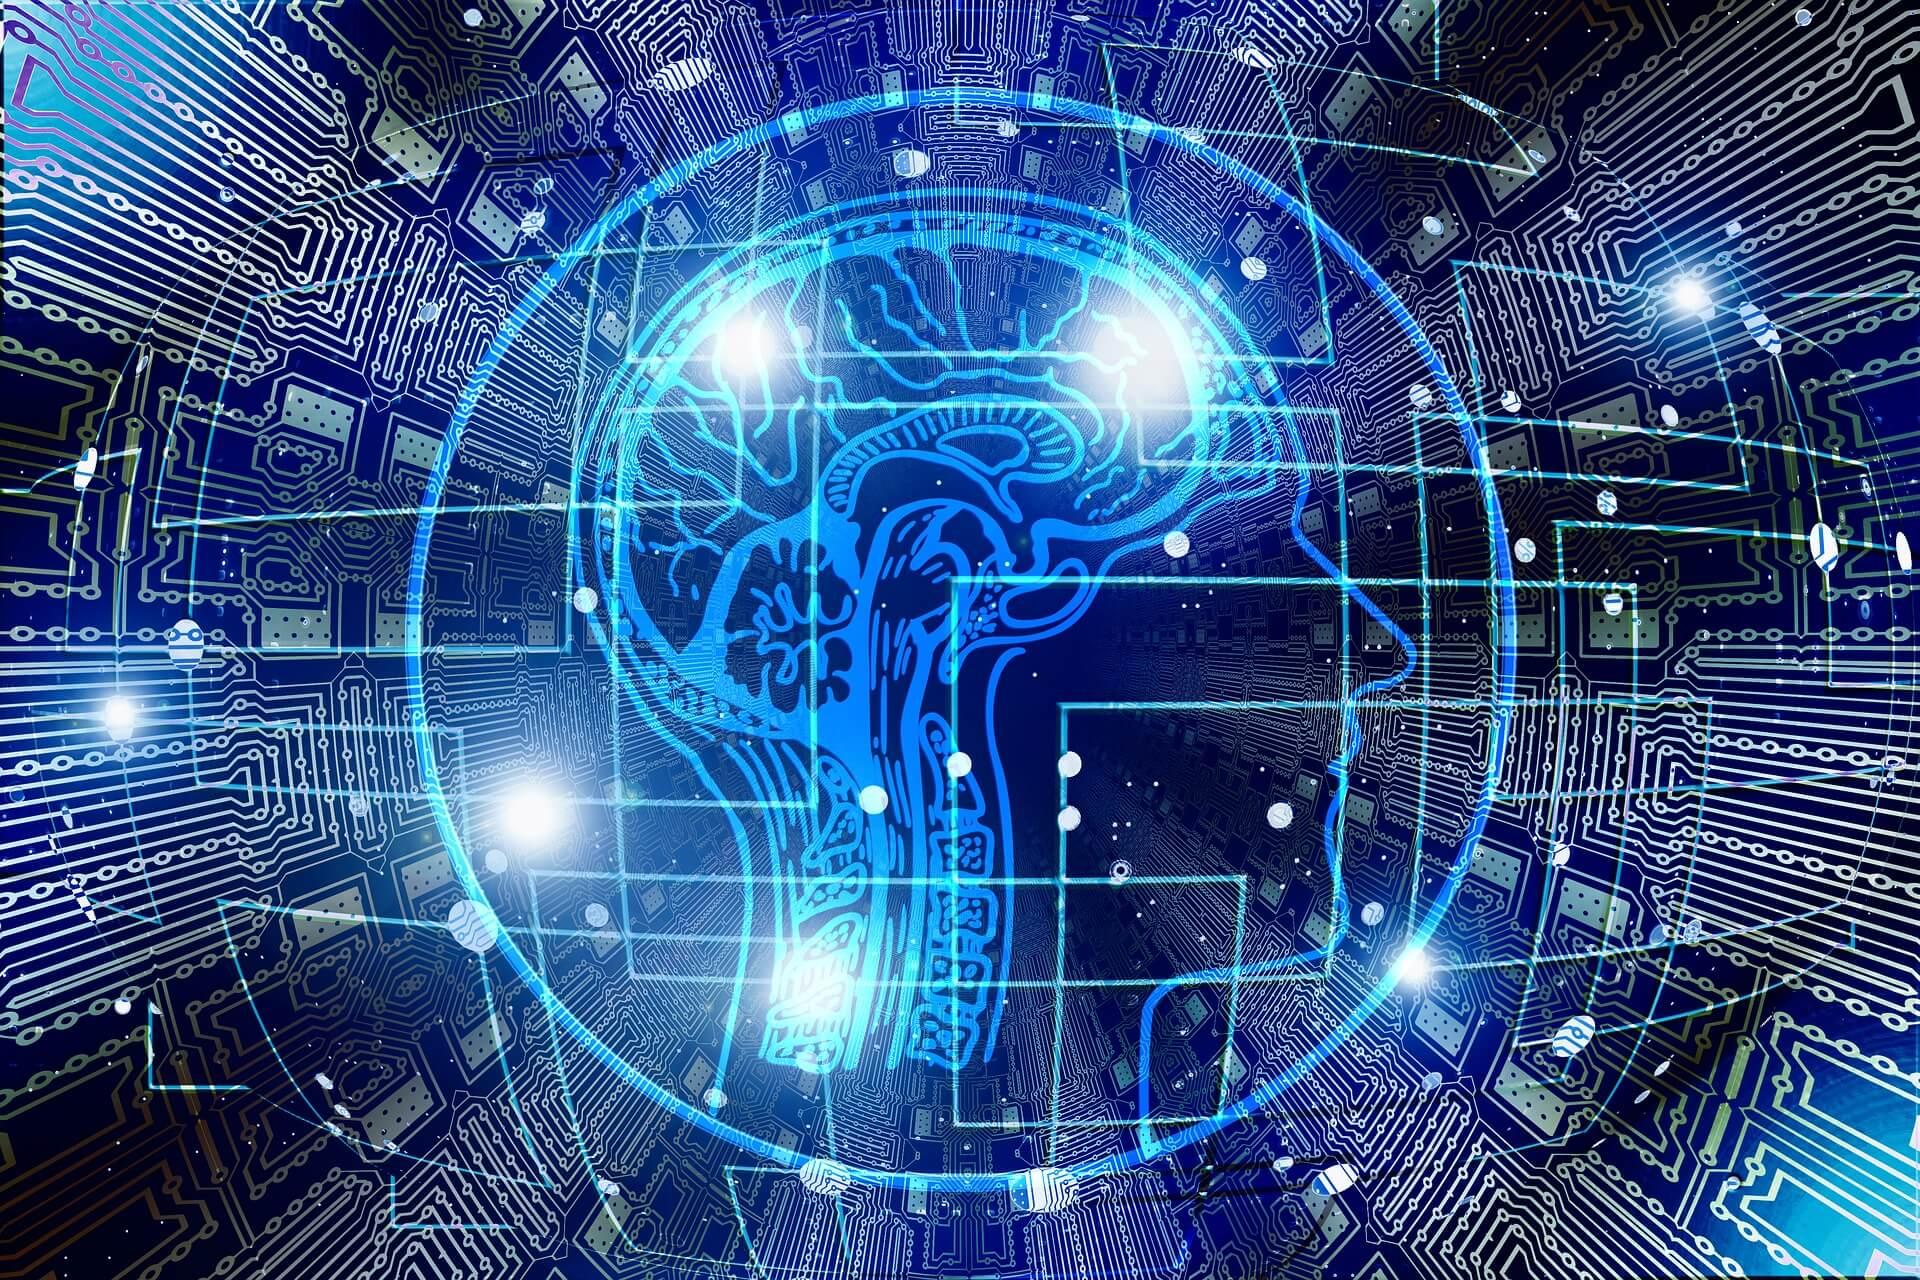 künstliche Intelligenz - KI